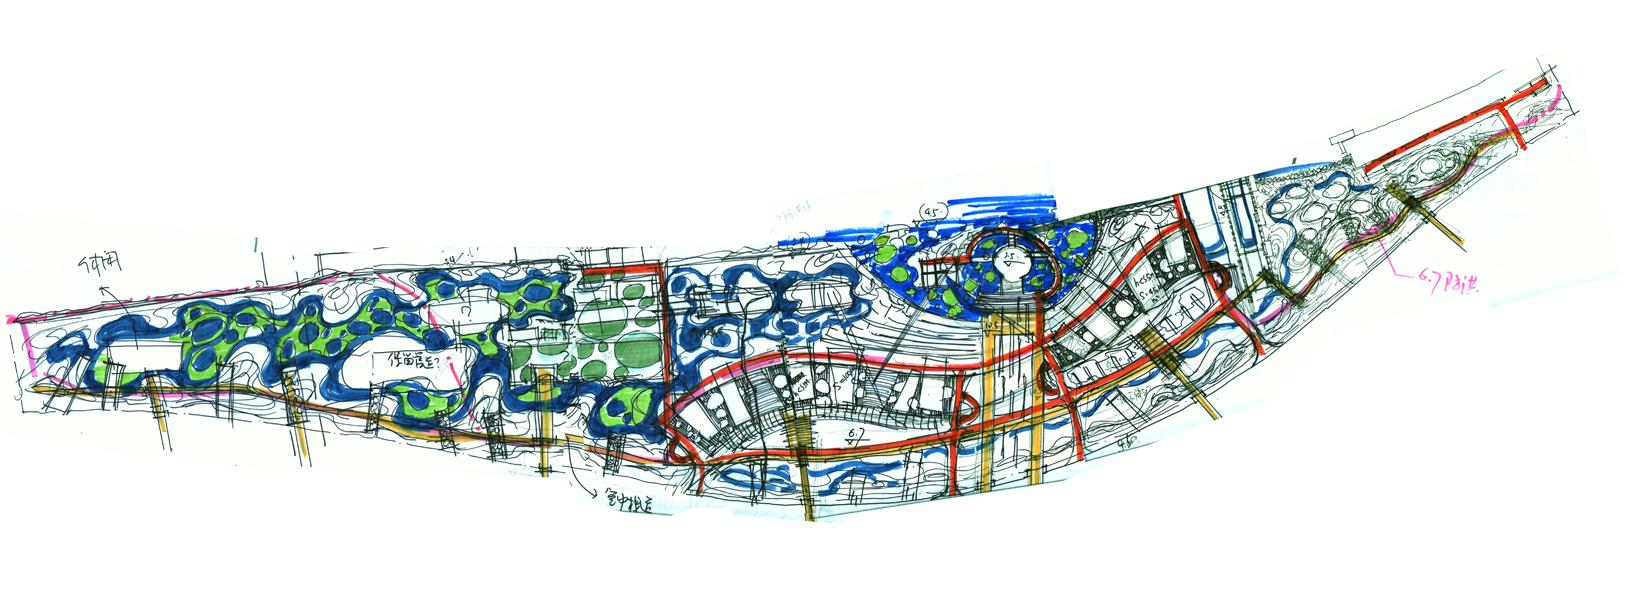 上海世博园手绘图